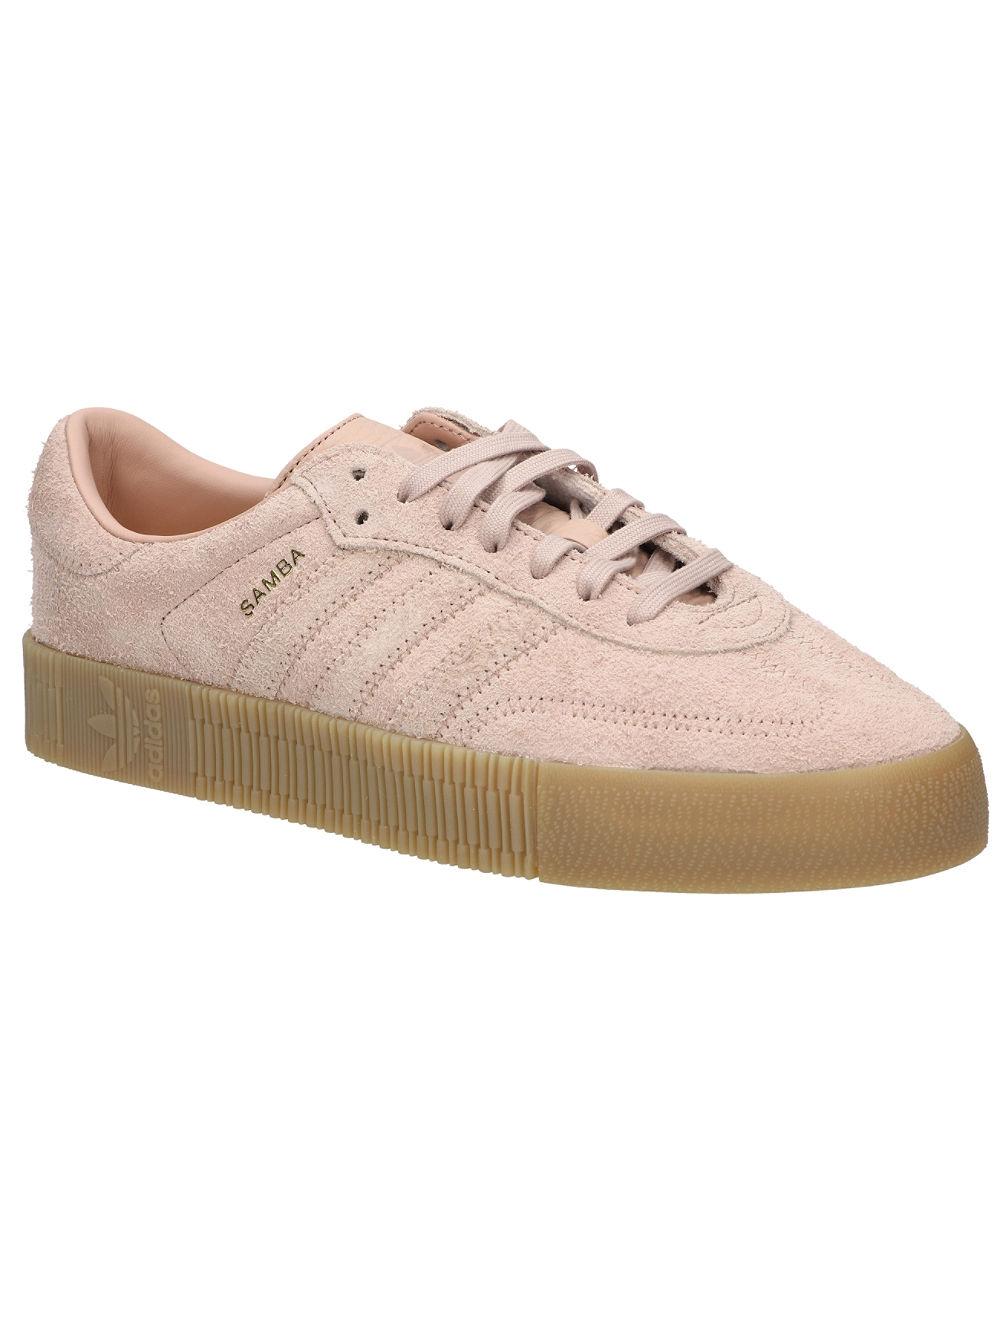 Kup adidas Originals Sambarose W Sneakers Women online na blue ... de674653beb